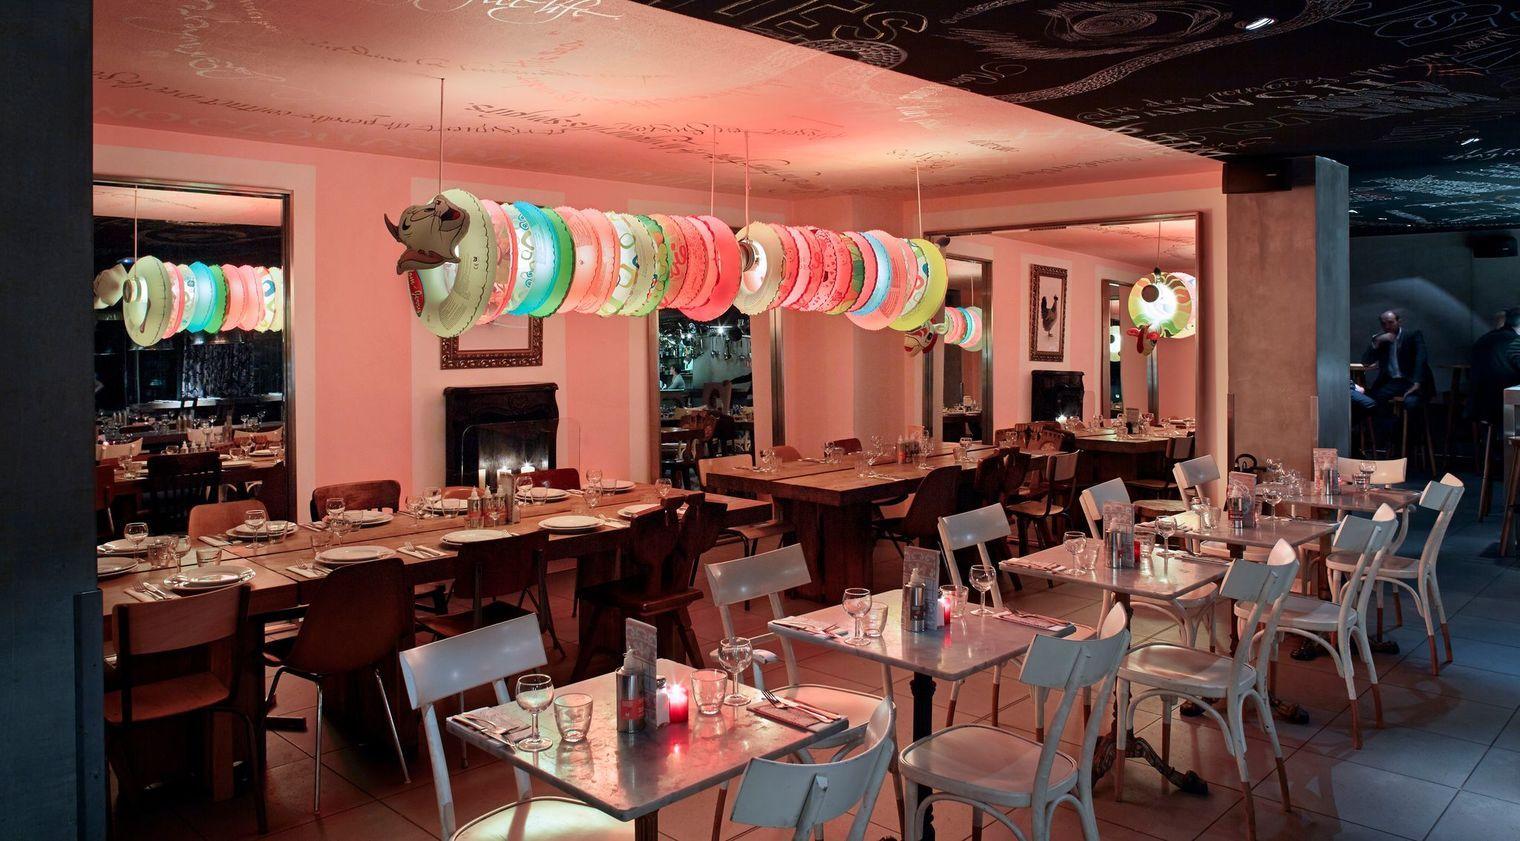 Idée Déco Des Bars Et Restaurants Pour S Inspirer Design De Restaurant Intérieurs D Hôtel Deco Restaurant